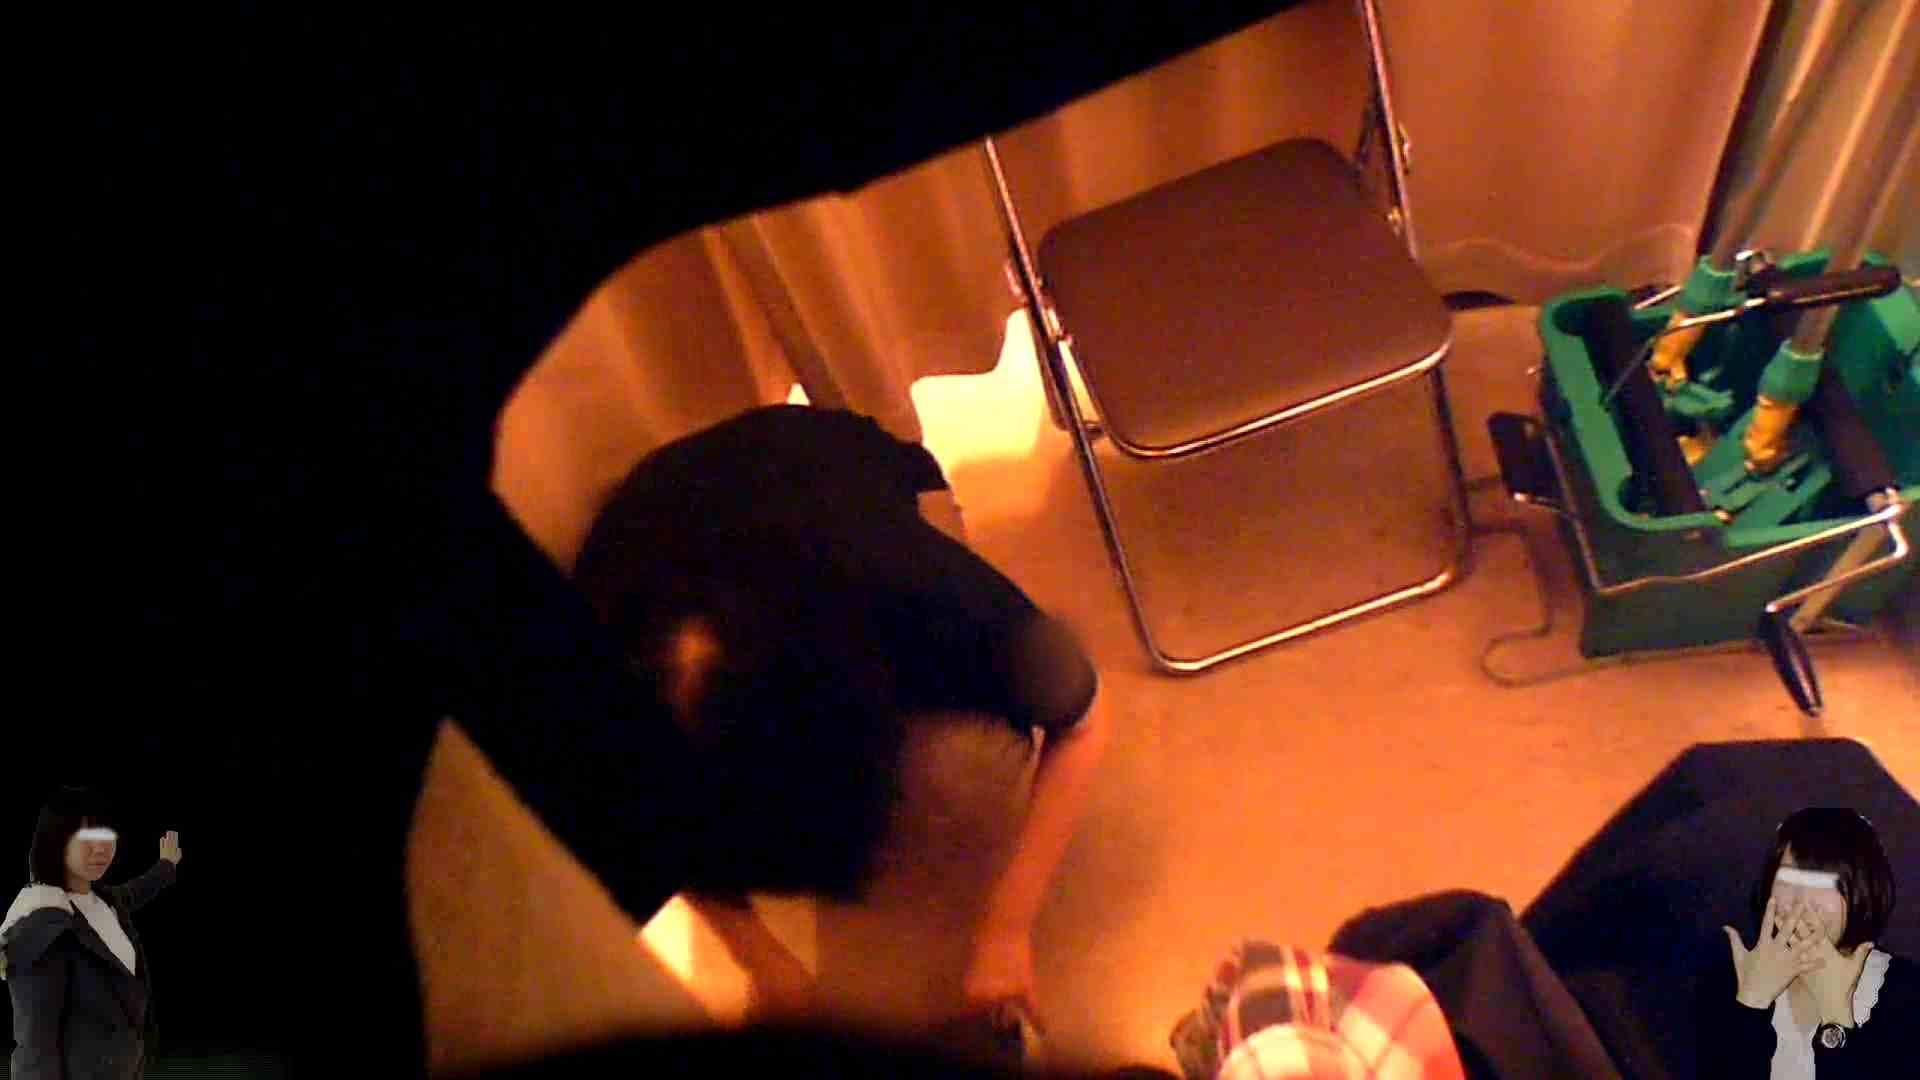 素人投稿 現役「JD」Eちゃんの着替え Vol.04 着替え 盗撮エロ画像 76PICs 26